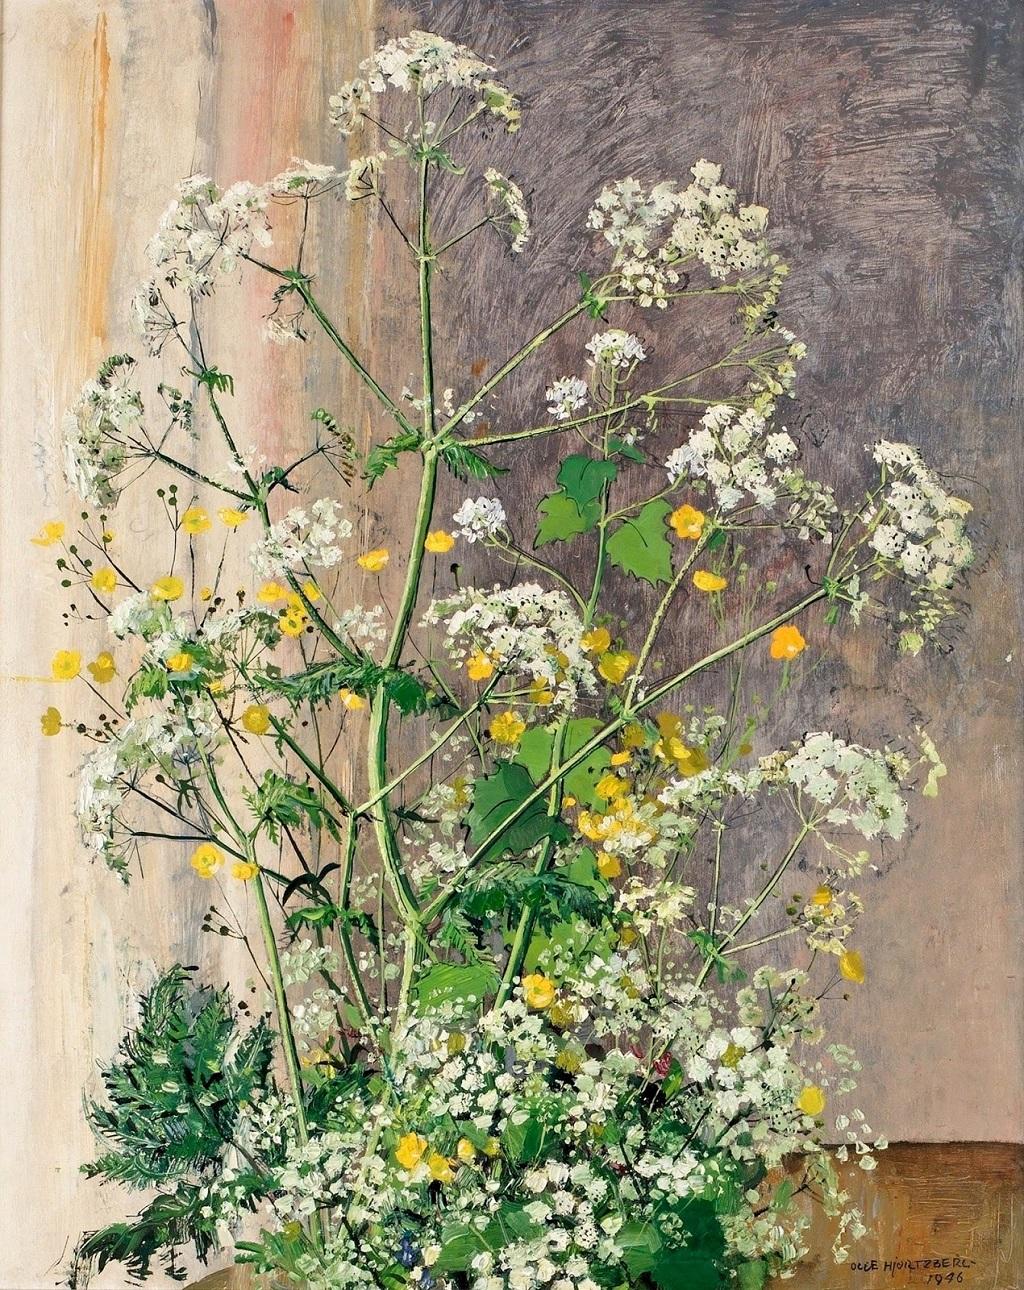 7-1946_Натюрморт с лютиками и др цветами_92 x 73_д.,м._Частное собрание.jpg